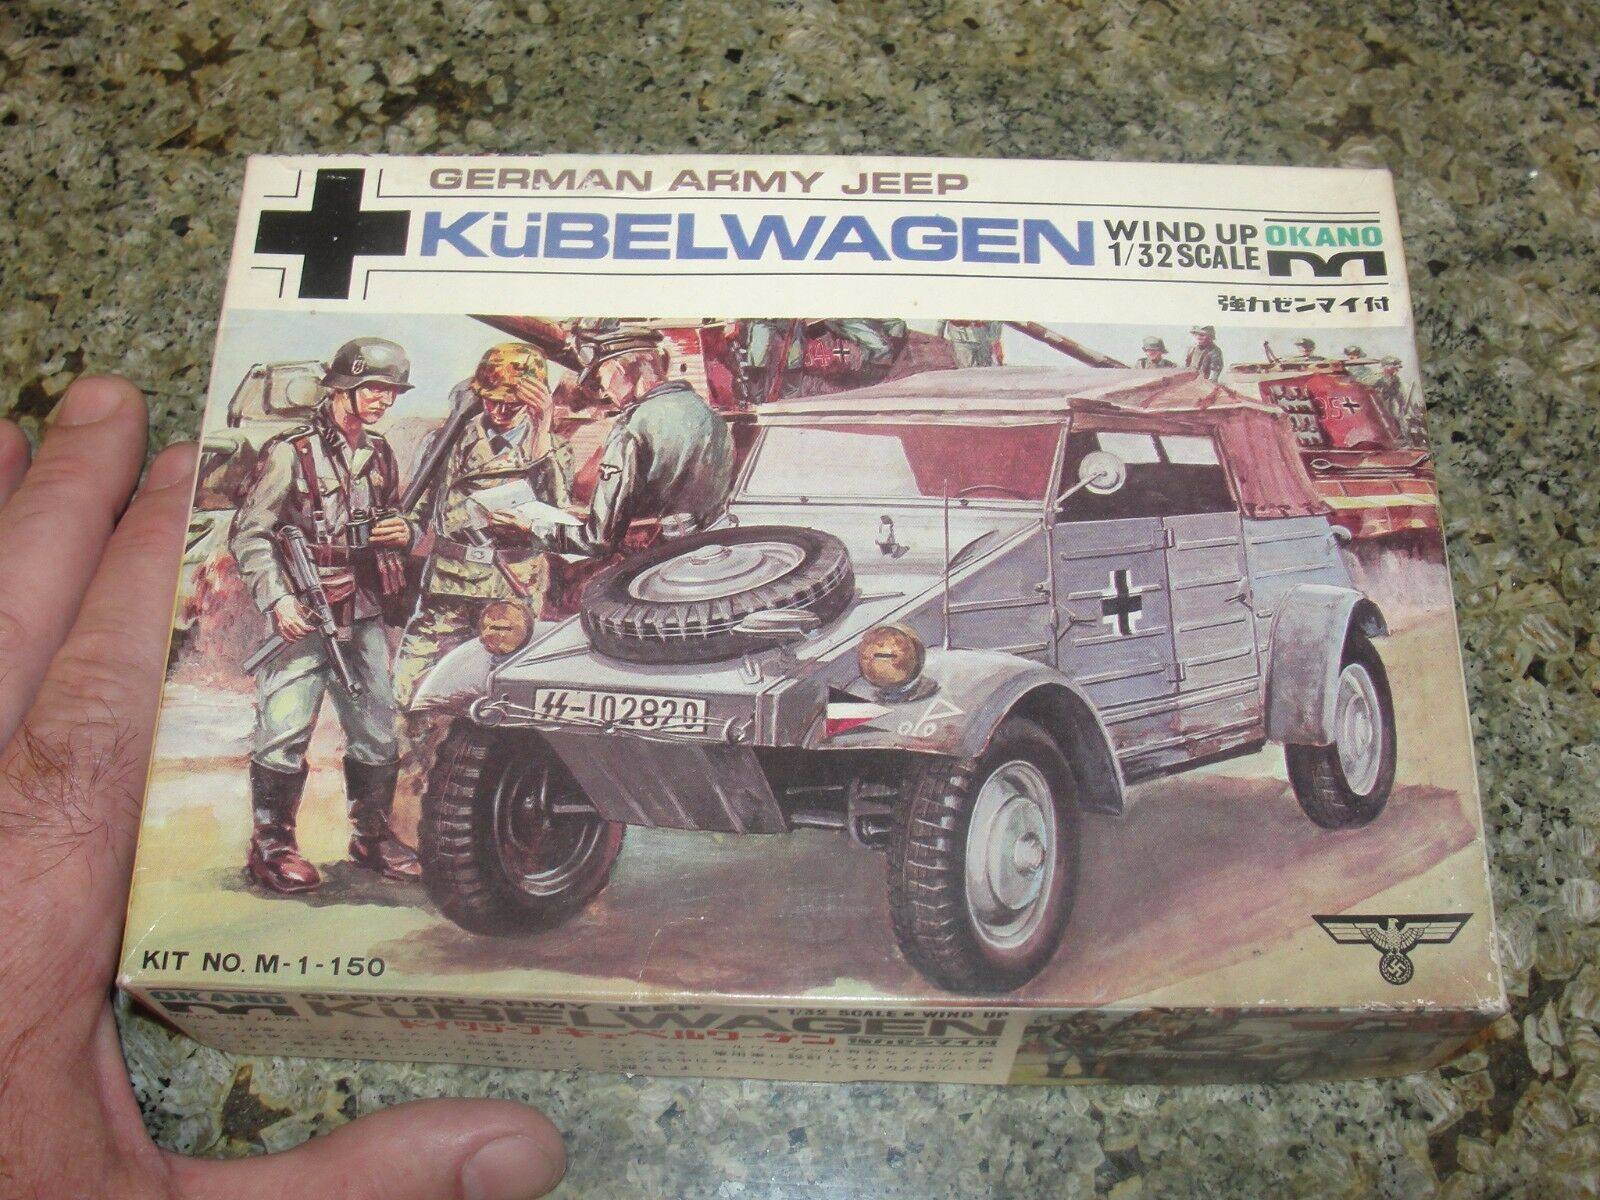 RARE Kubelwagen German Army Jeep modèle 1 32 Japon Okano échelle Jouet W BOX guerre mondiale deux